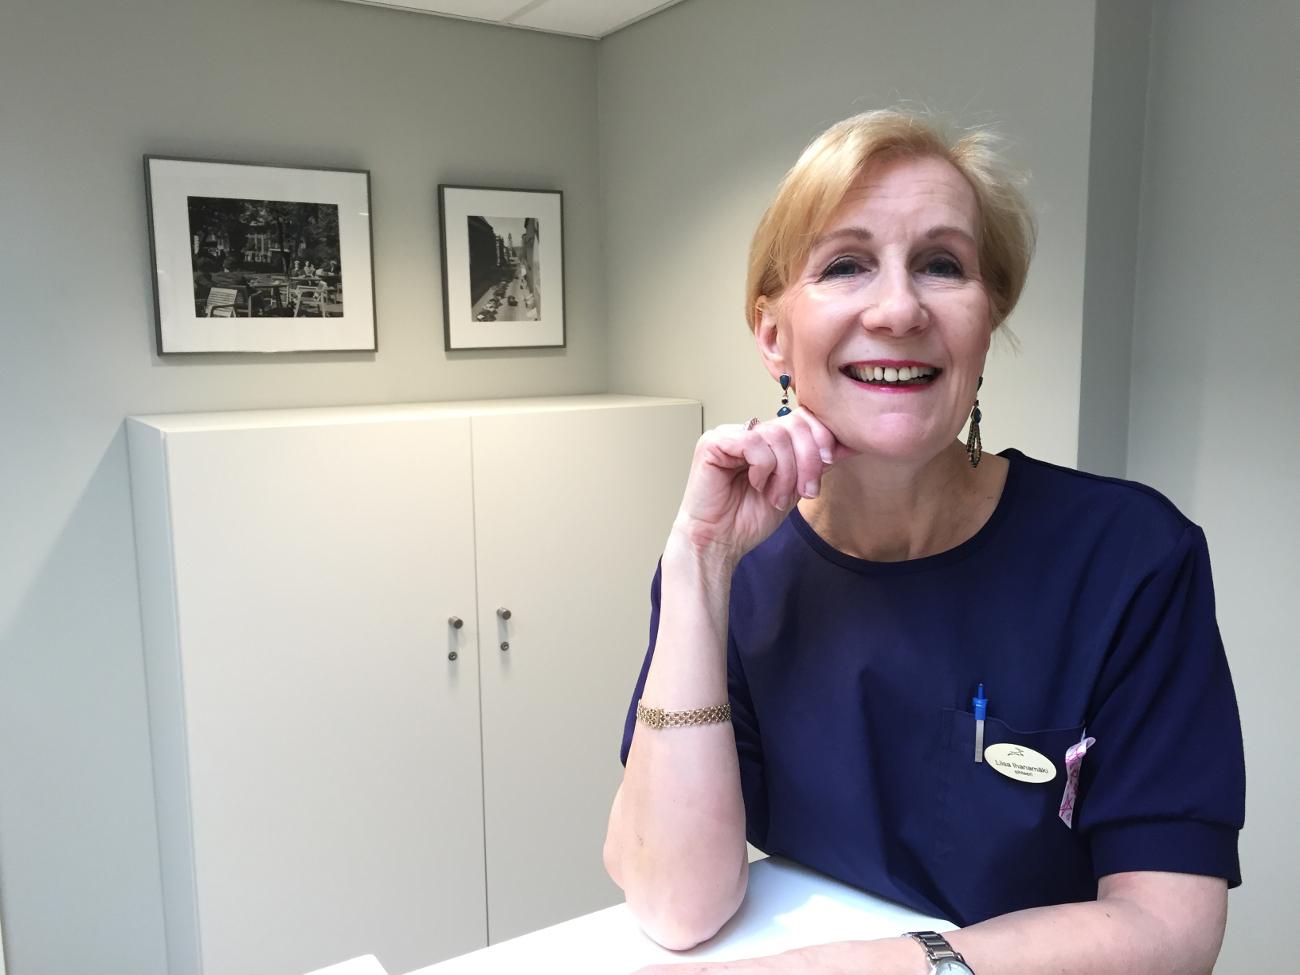 Oikomishoidon erikoishammaslääkärin vastaanotolla|Oikomishoidon edistyminen|Oikomishoito aikuisena